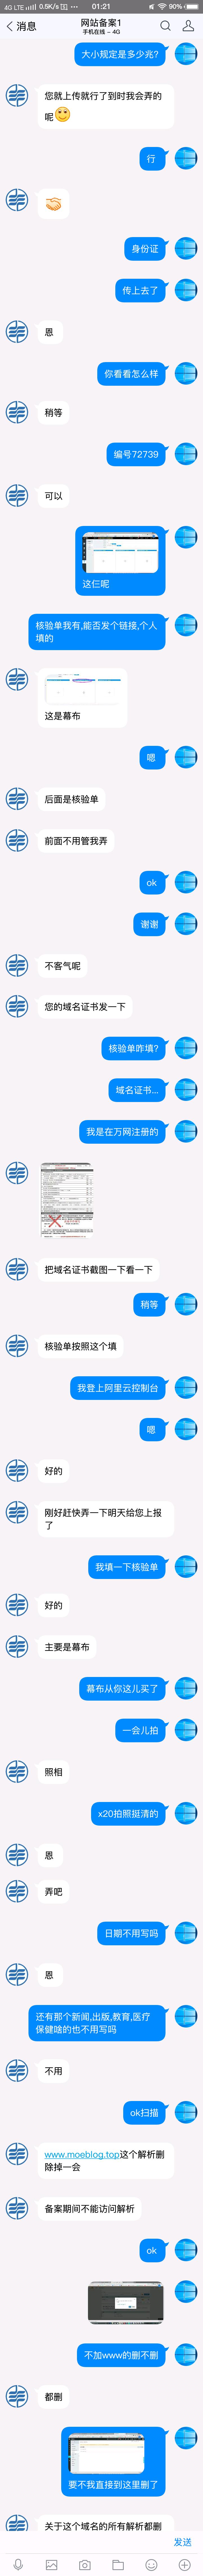 超级截屏_20190205_012150.png